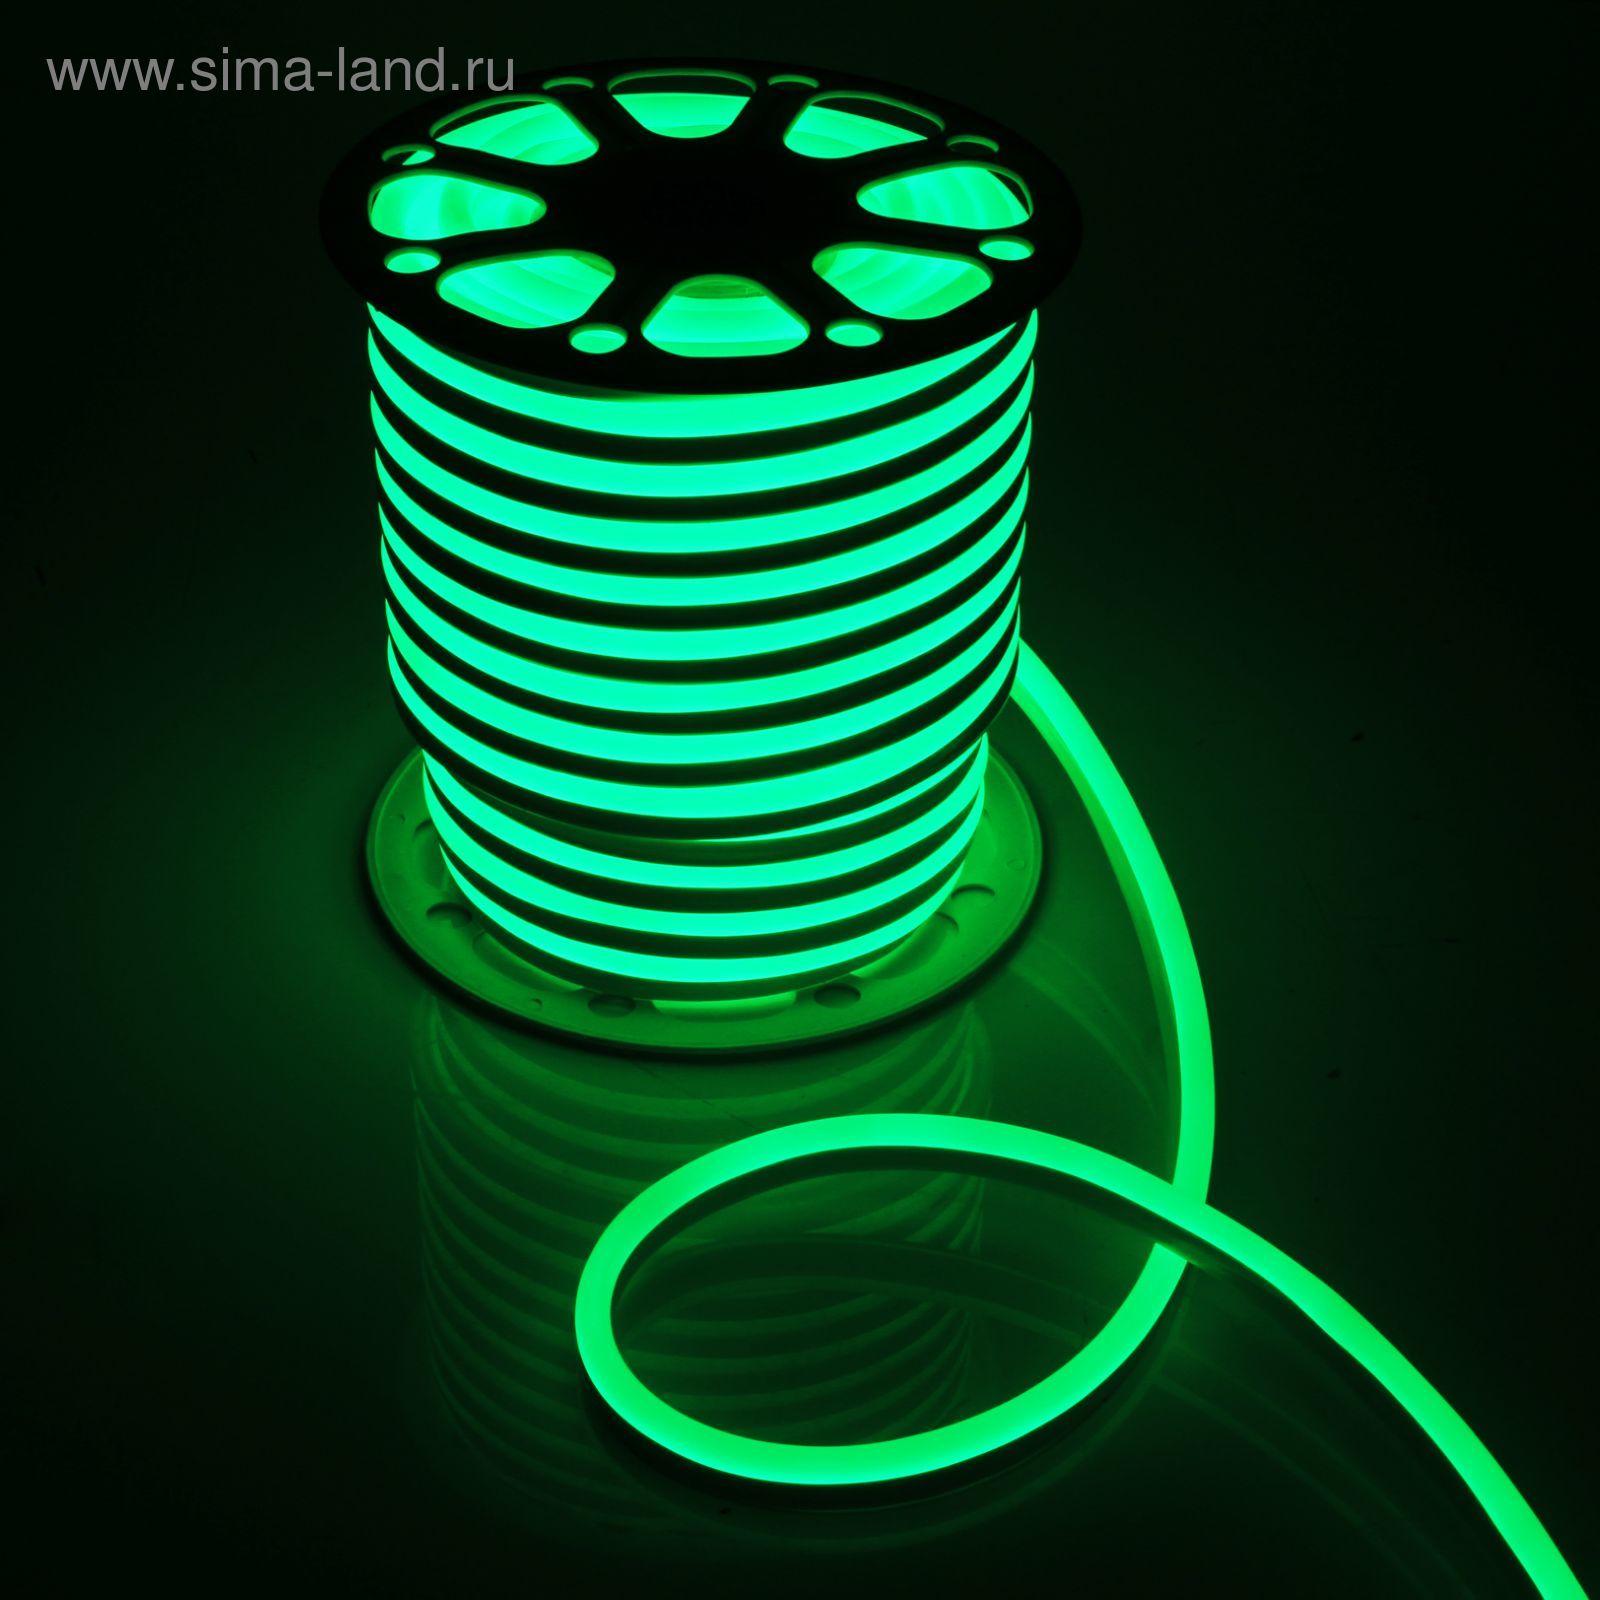 Гибкий неон 15 х 25 мм, 50 метров, LED-120-SMD2835, 220 V, ЗЕЛЕНЫЙ